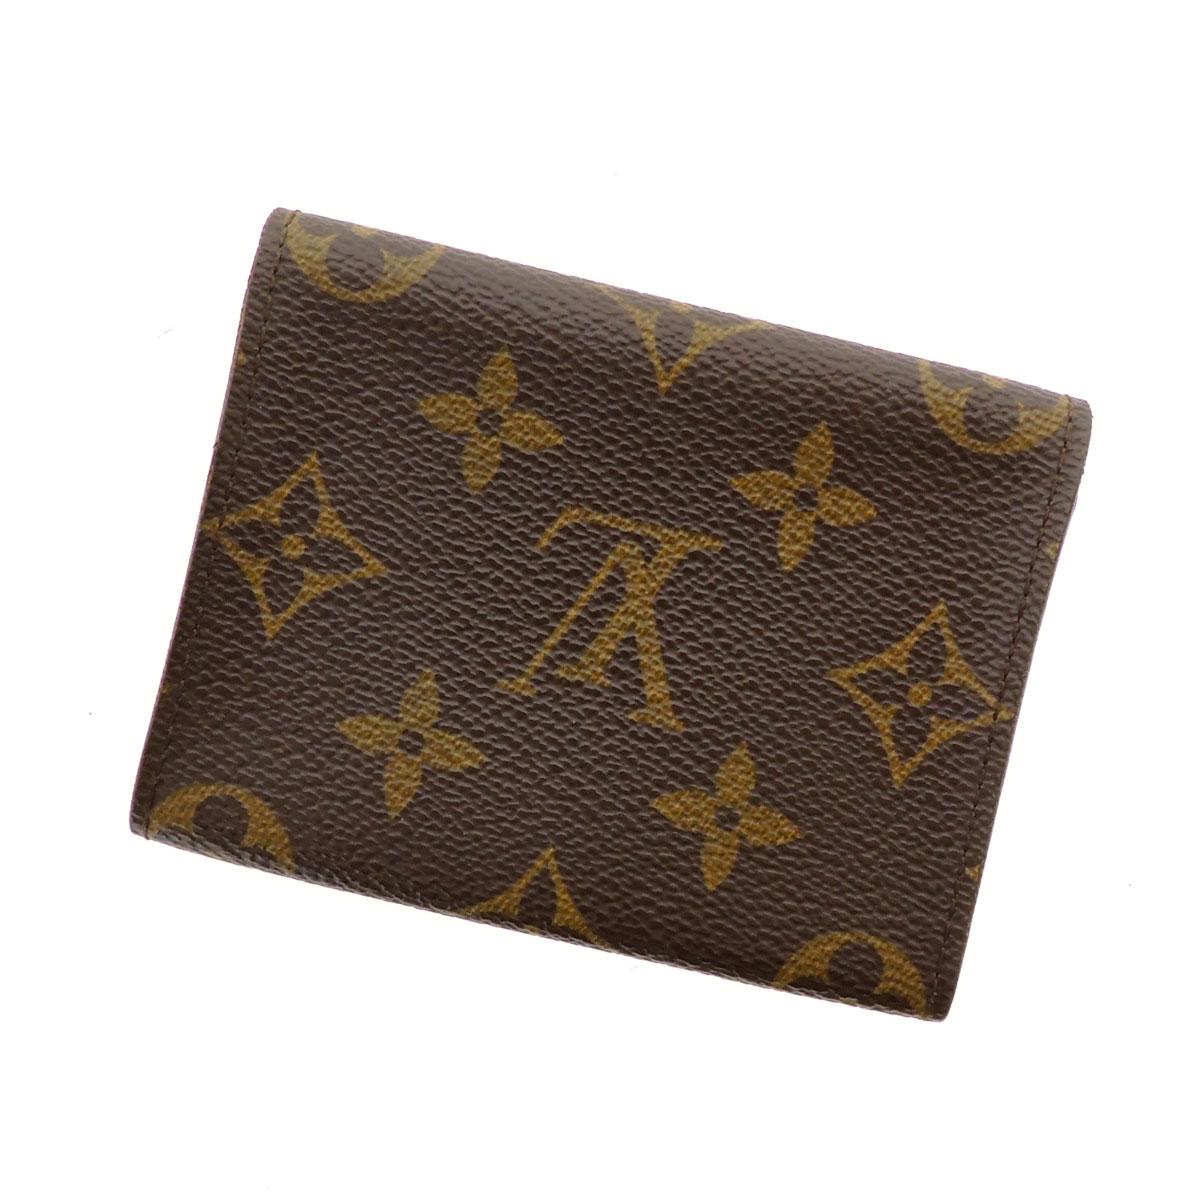 LOUIS VUITTON business card holder cult de visite M62920 business card holder gusset and card put the Monogram Canvas unisex